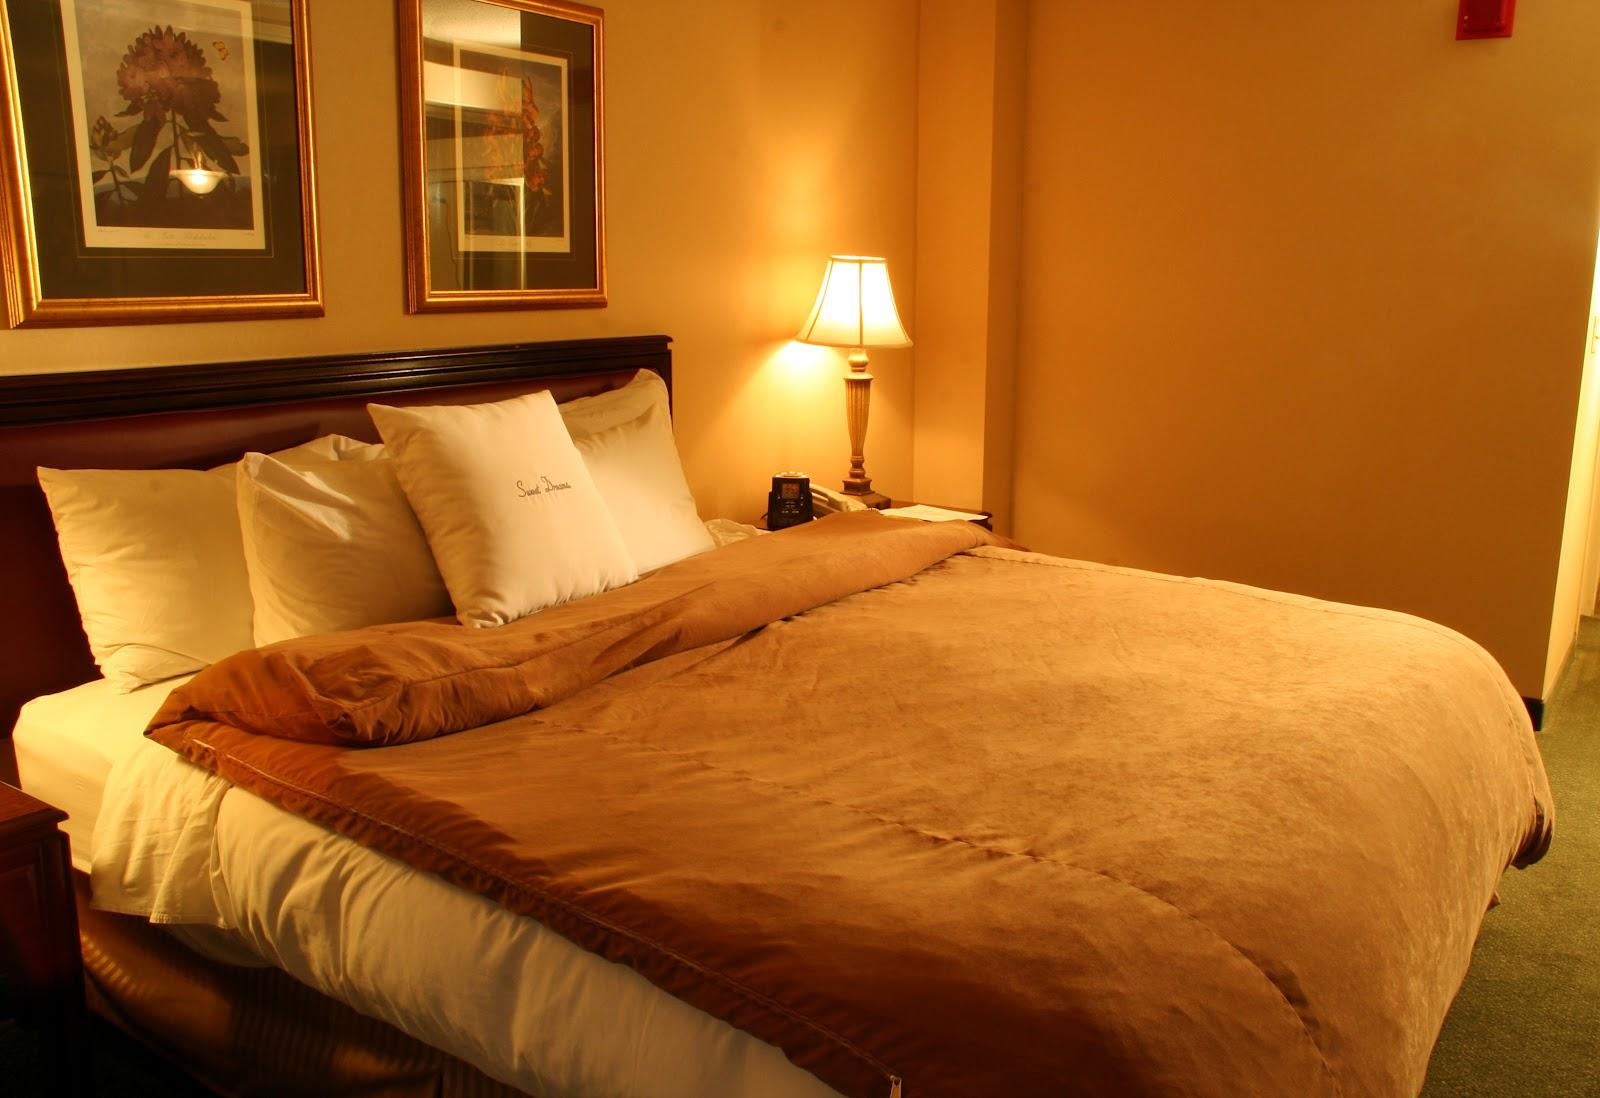 Hotel-suite-bedroom.jpg